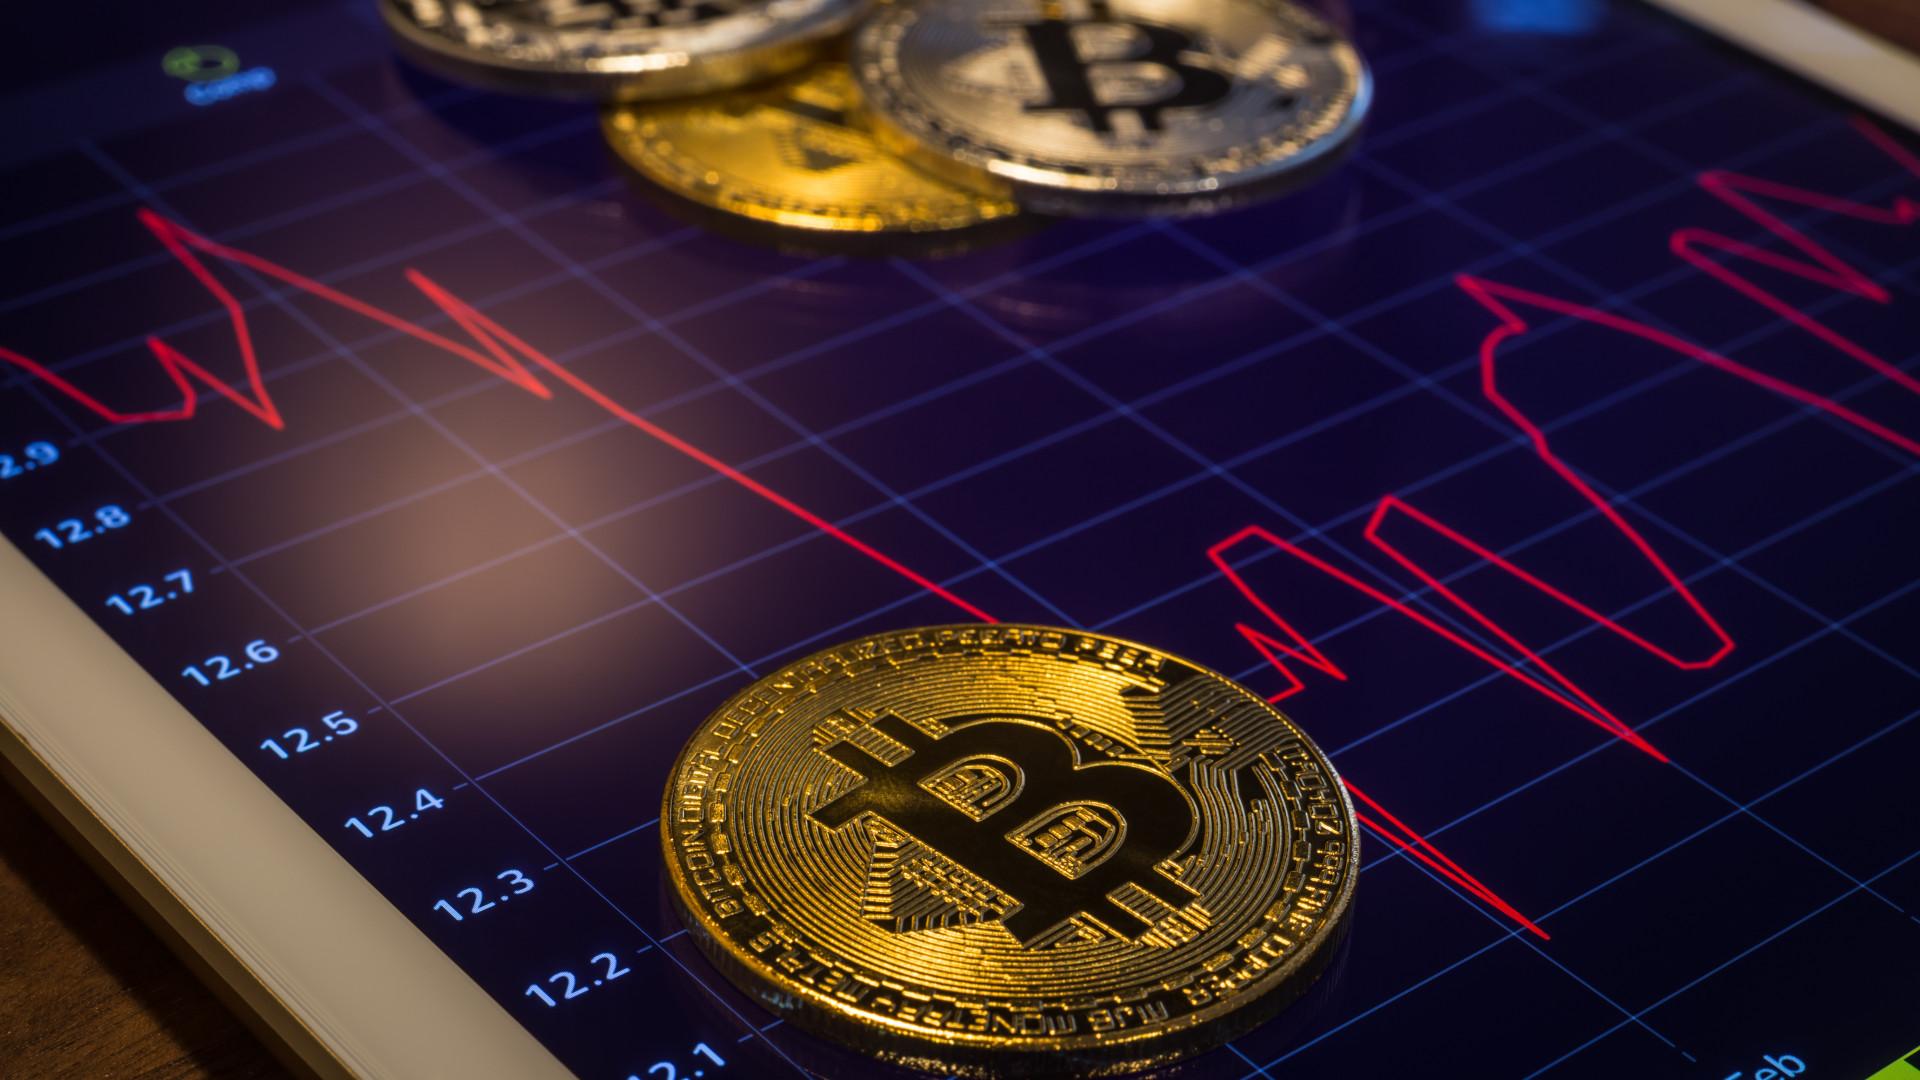 mikor jelent meg a bitcoin)